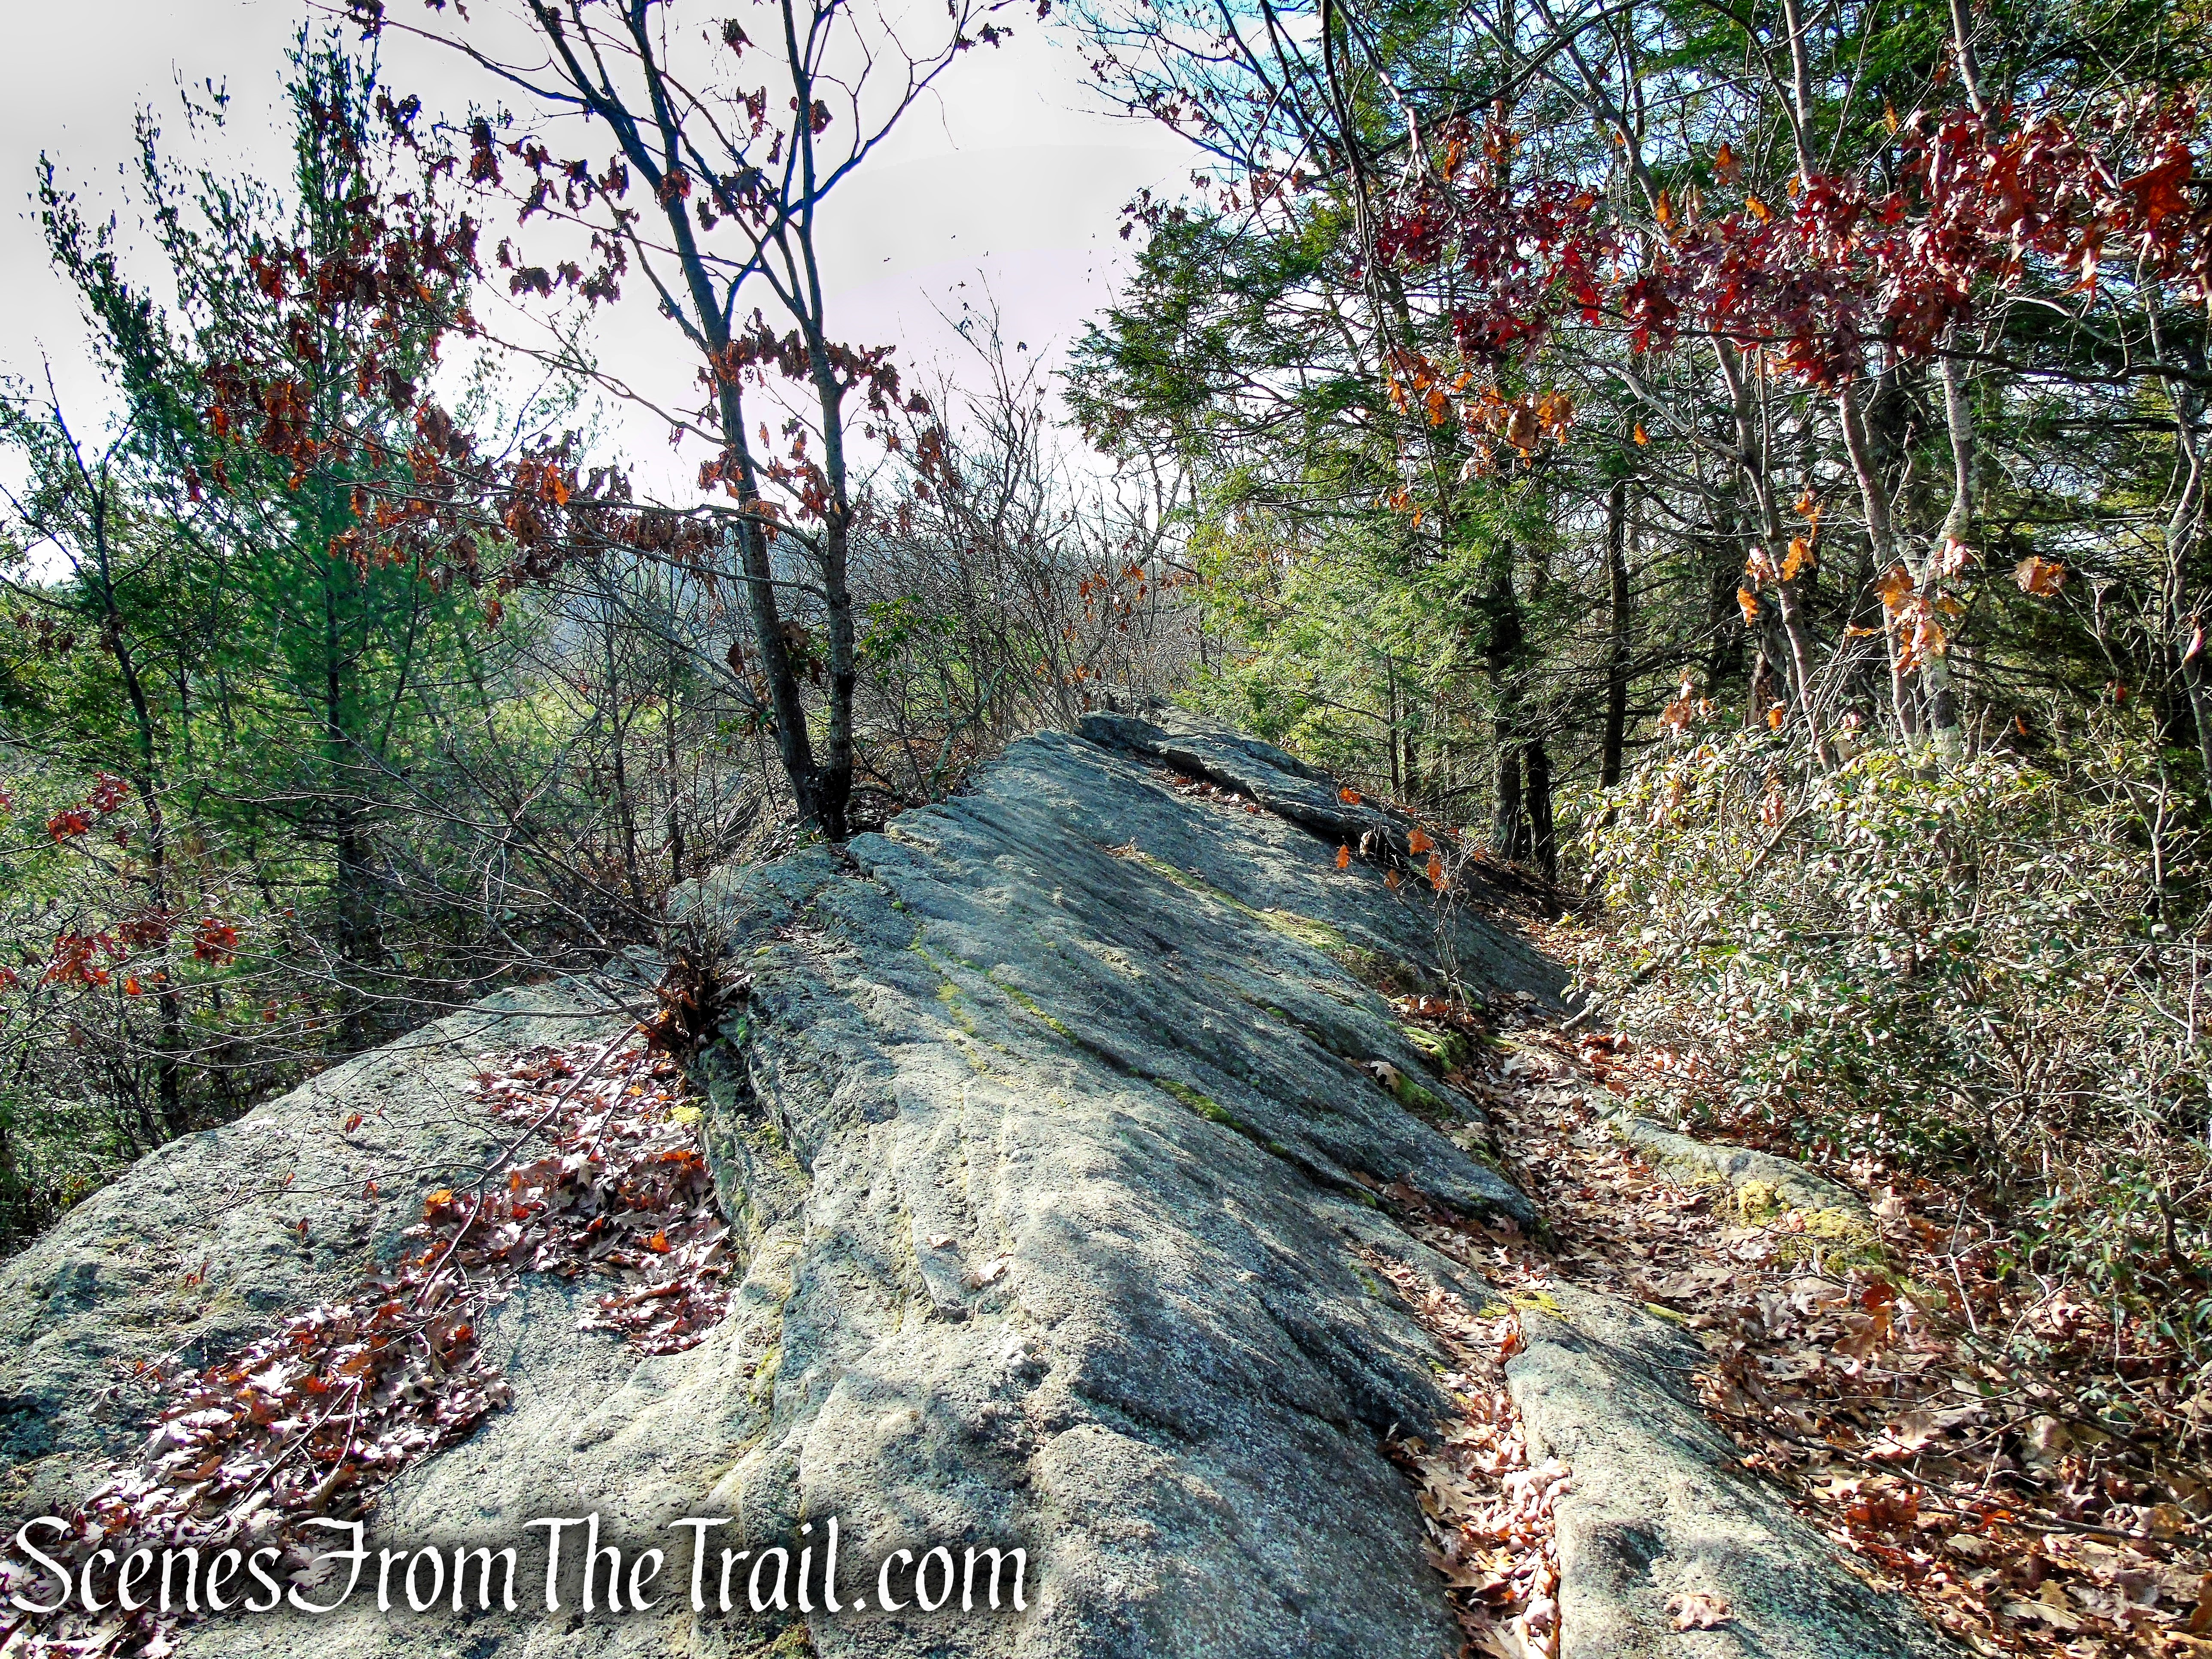 Mattatuck Trail – Mattatuck State Forest